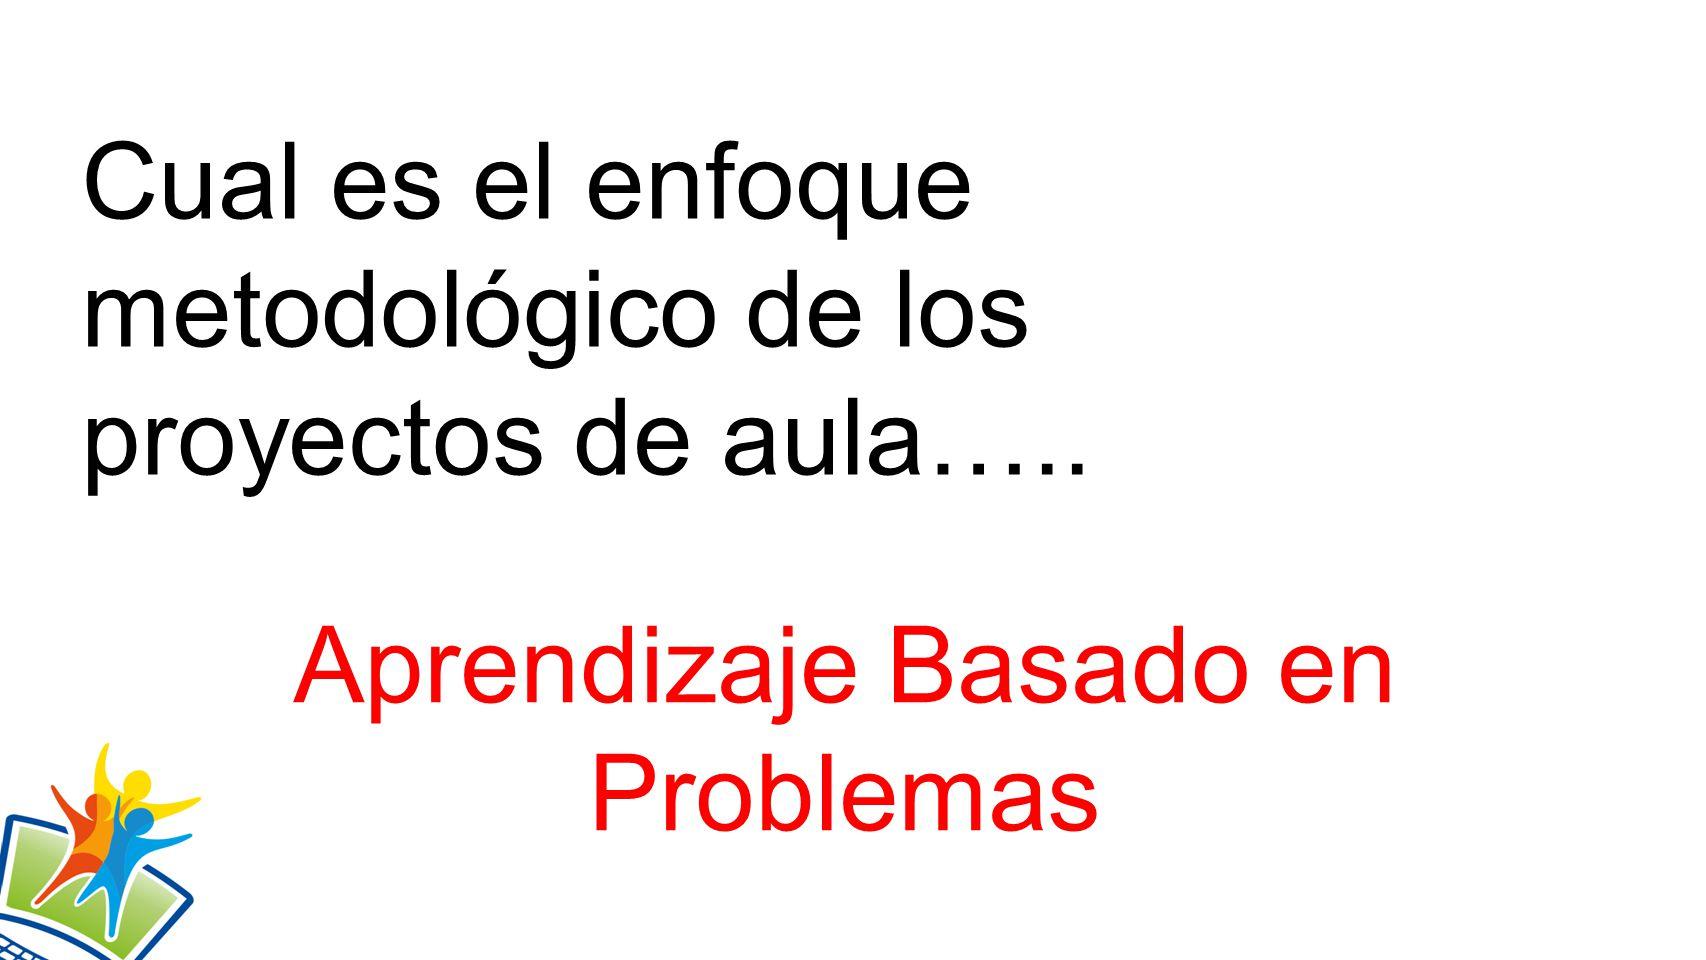 Cual es el enfoque metodológico de los proyectos de aula….. Aprendizaje Basado en Problemas